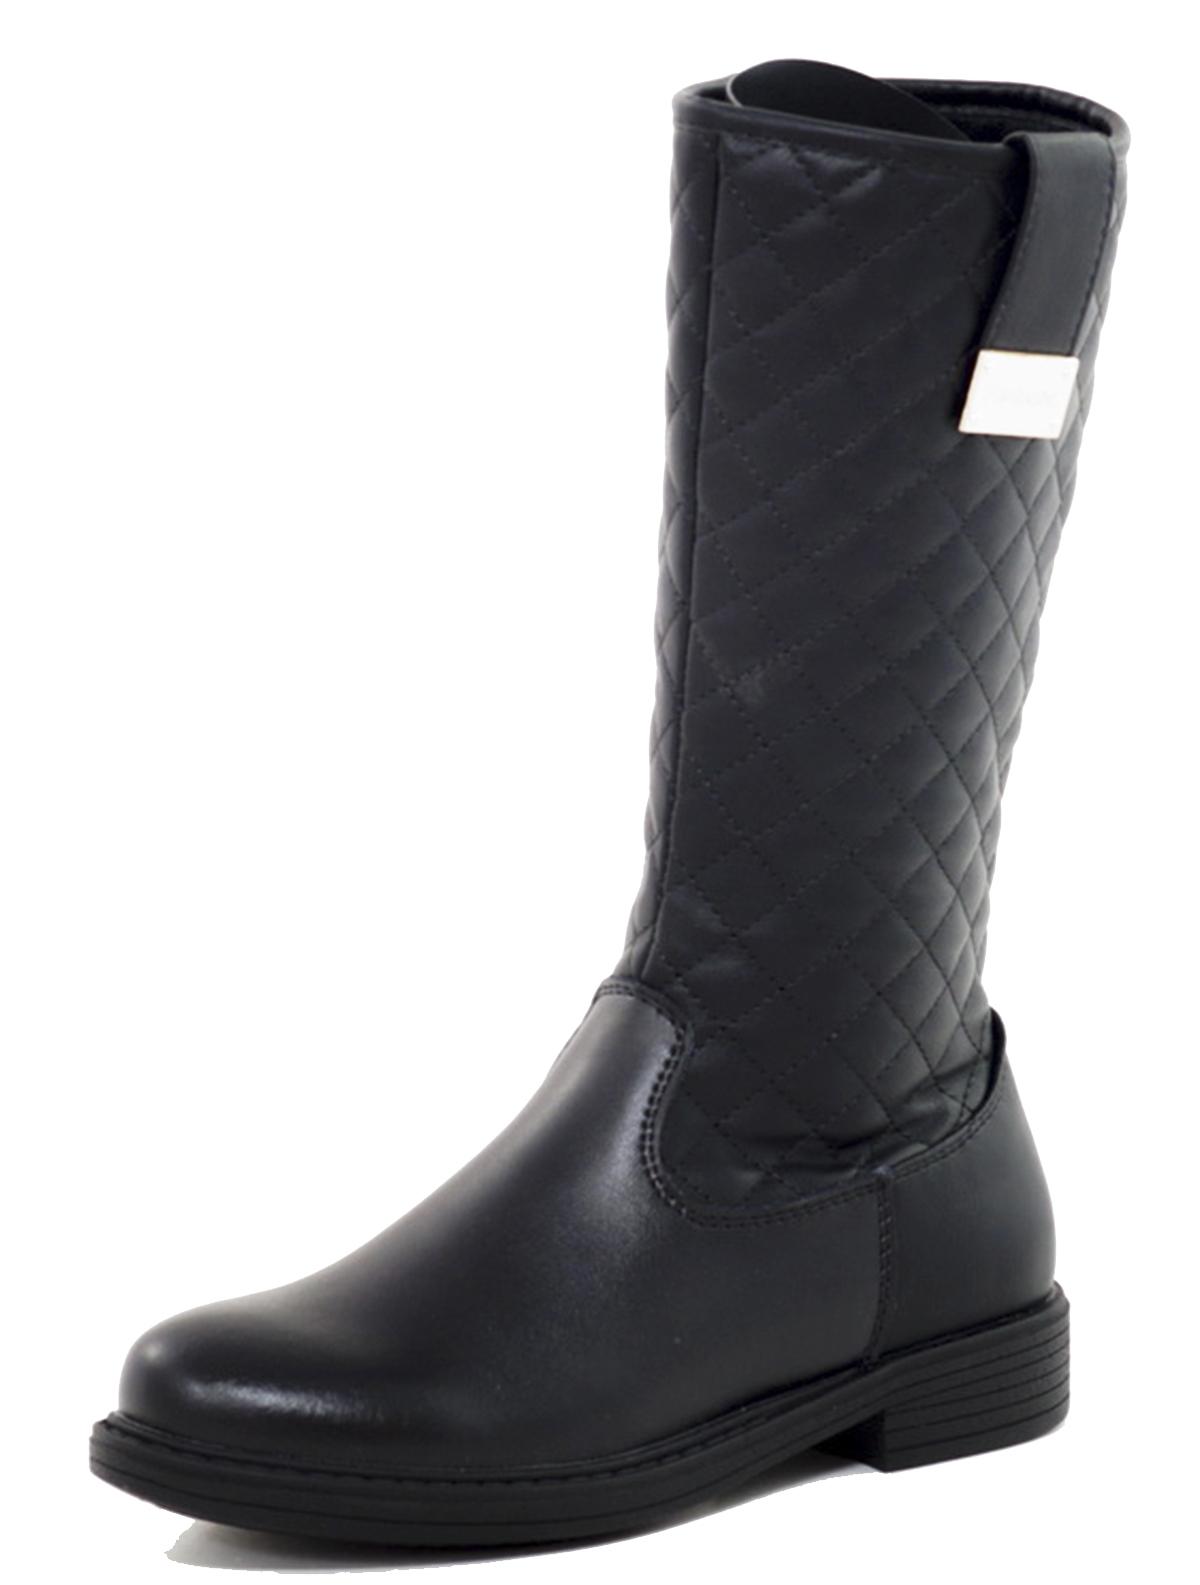 R270527025-BK сапоги для девочки